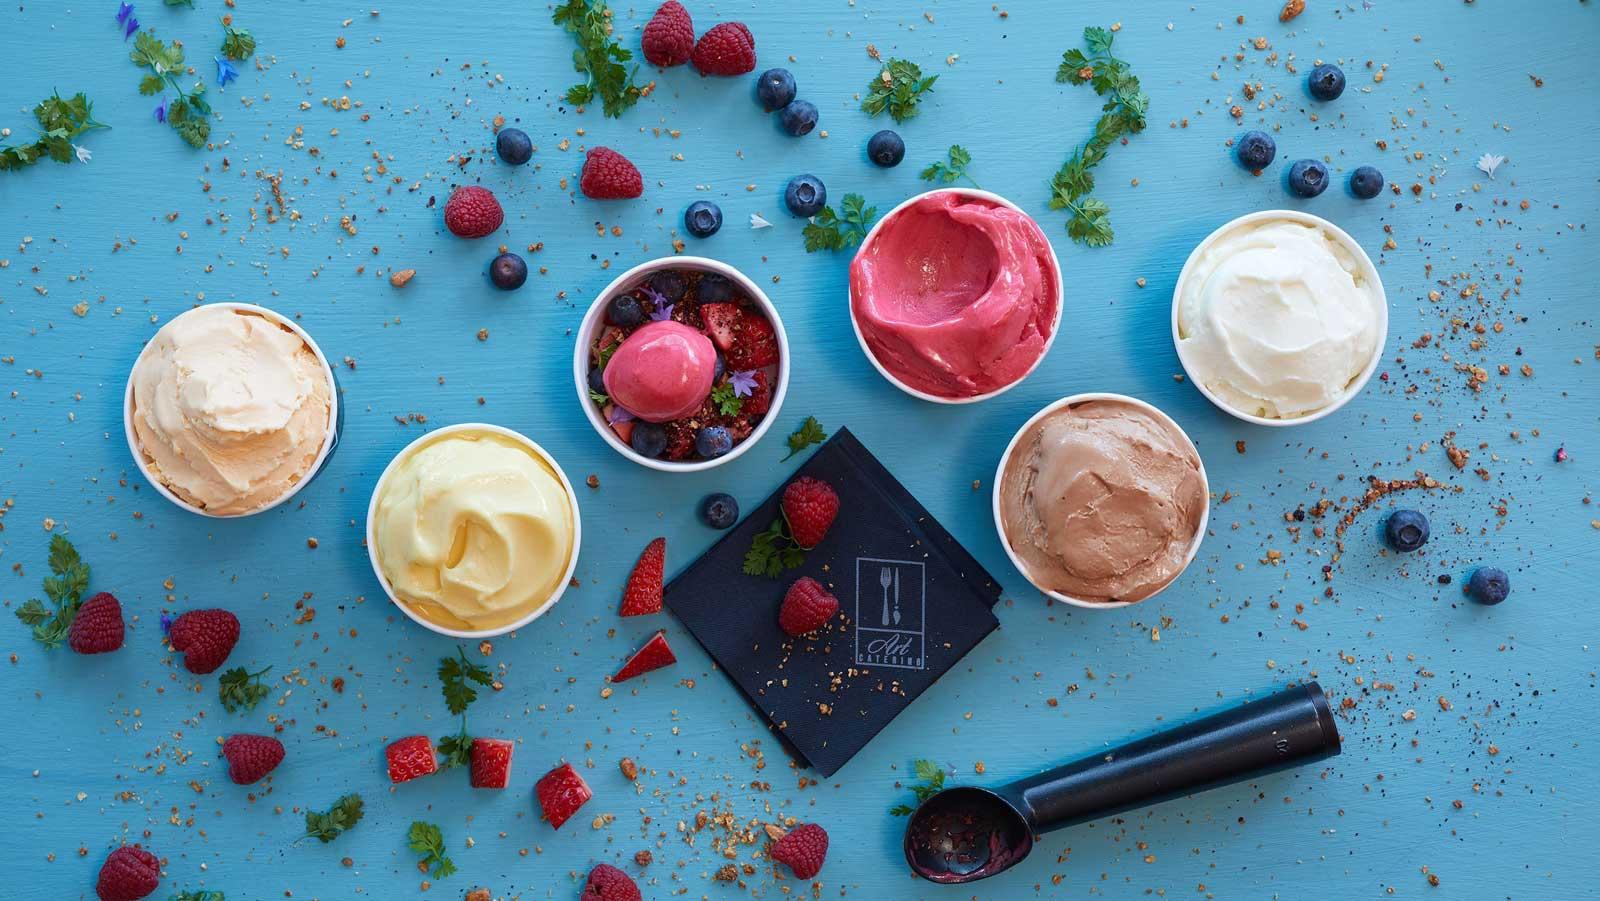 Jäätelöä ja marjoja pienissä kipoissa pöydällä sekä jäätelökauha